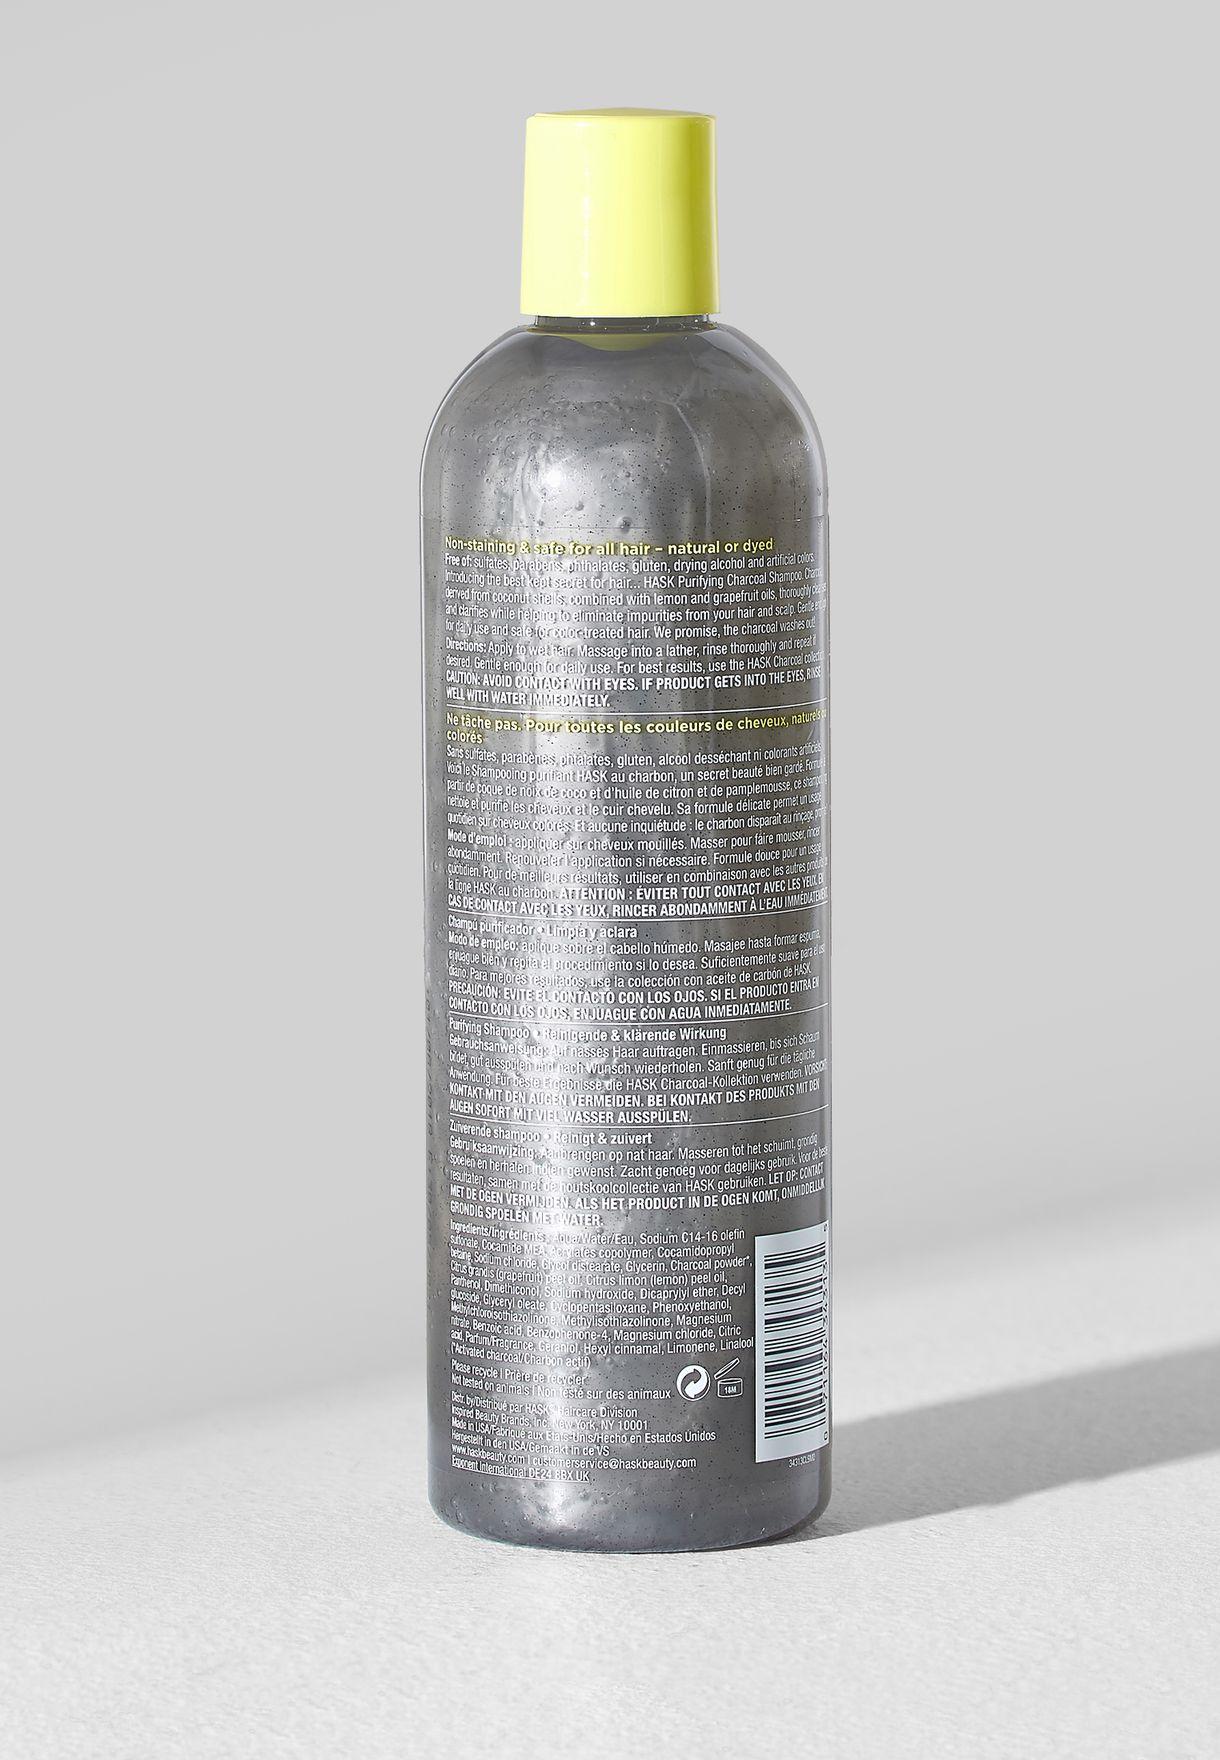 شامبو الفحم لنقاء الشعر - 355 مل